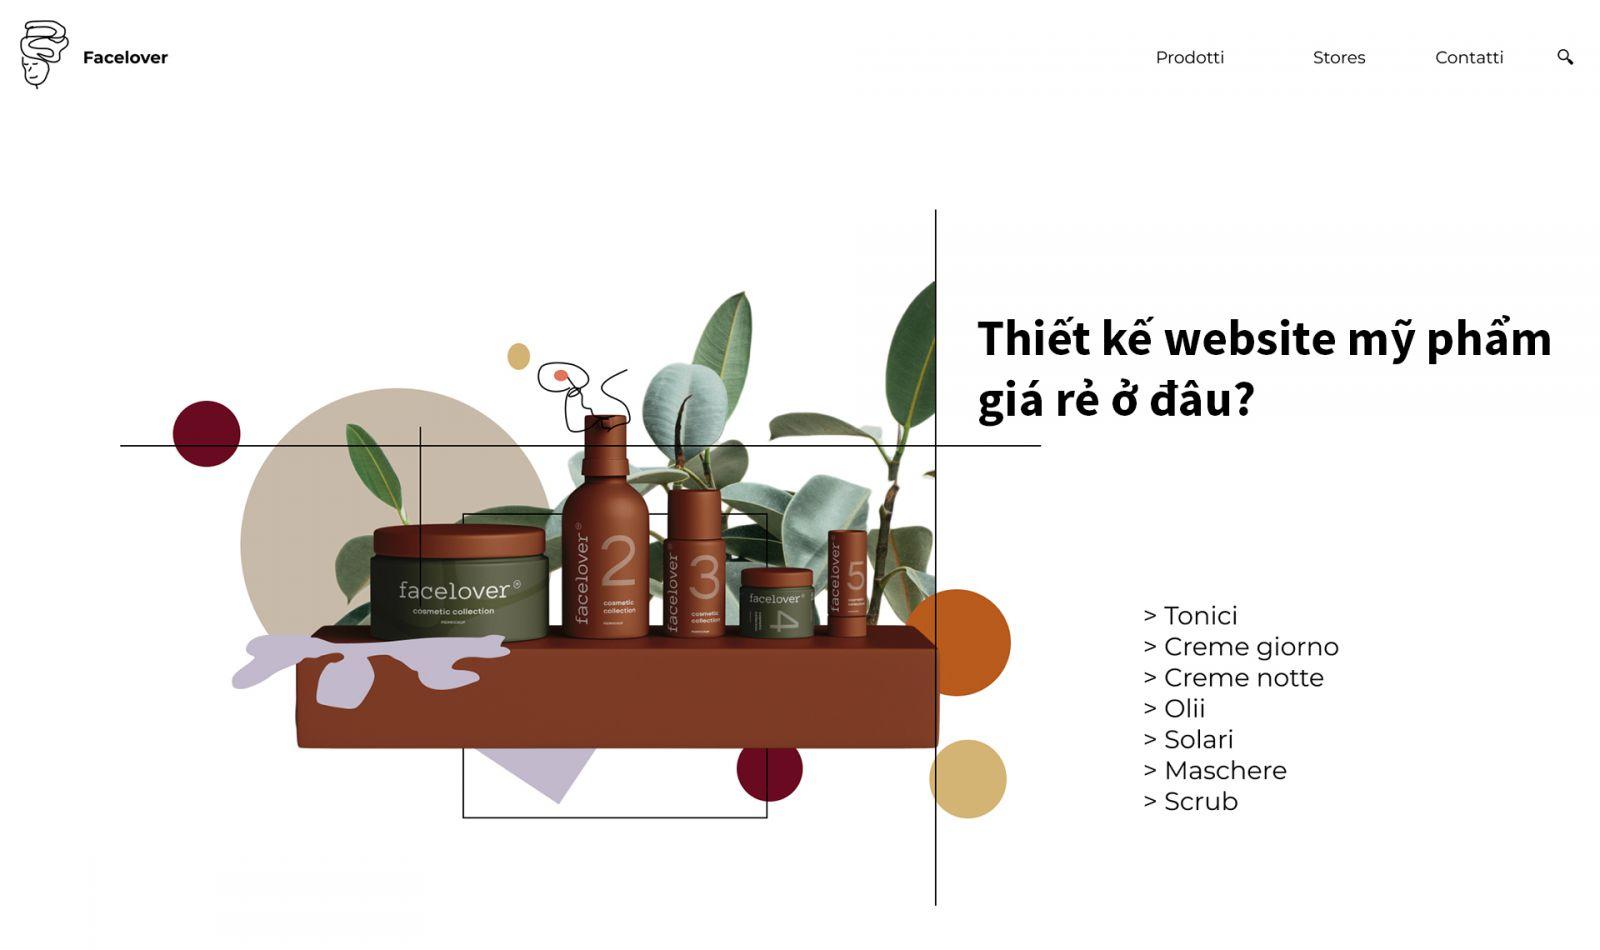 Thiết kế website mỹ phẩm giá rẻ ở đâu?